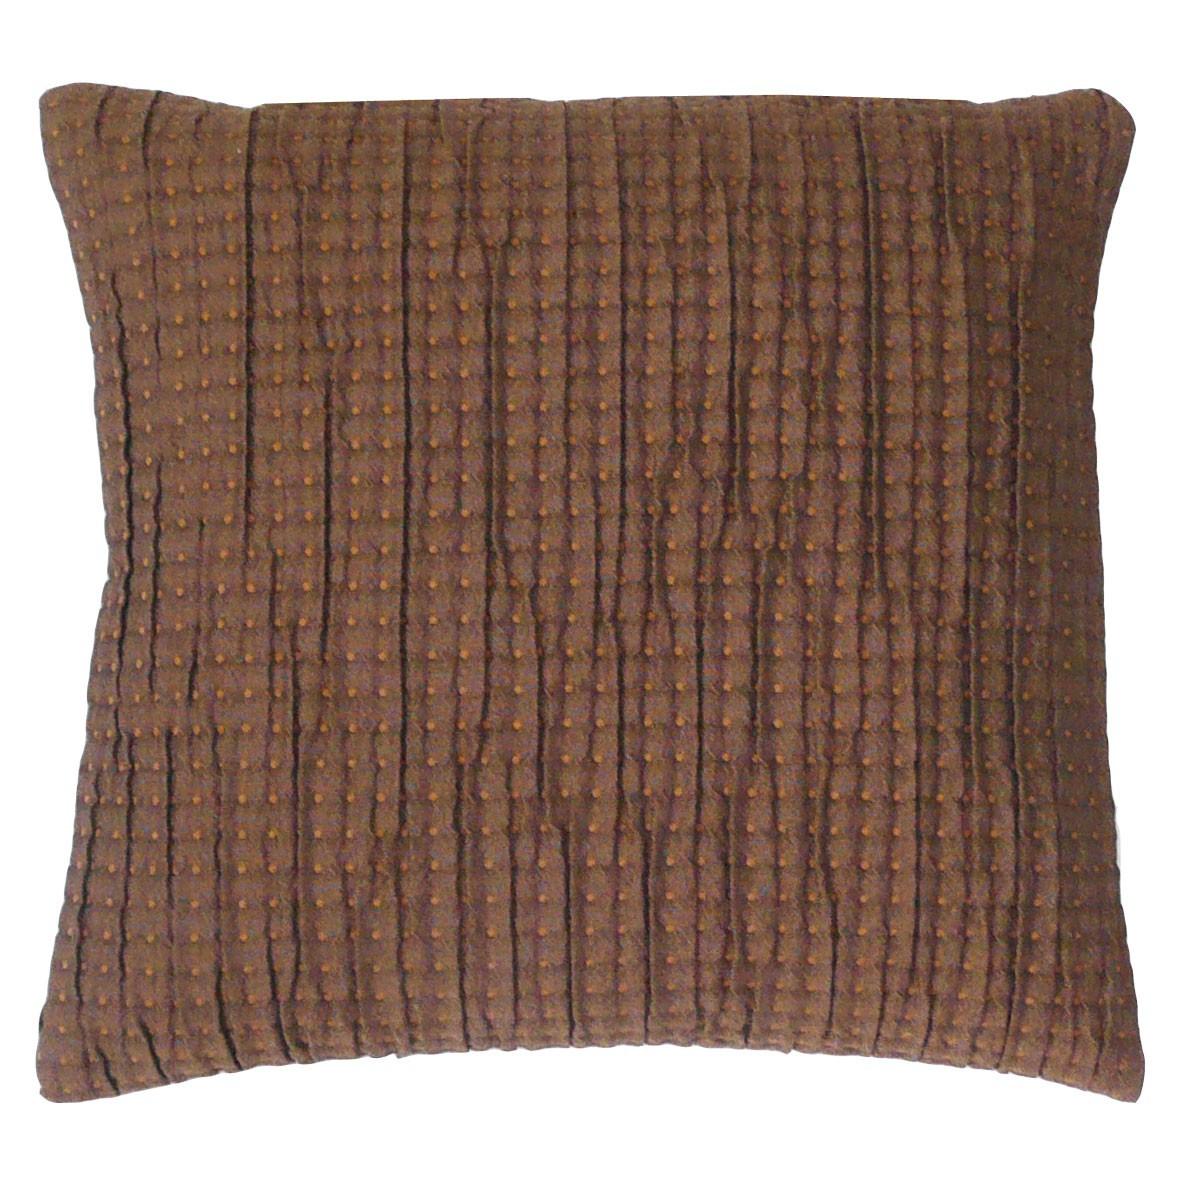 kissen dekokissen braun kleine punkte 40x40cm farbwelten. Black Bedroom Furniture Sets. Home Design Ideas